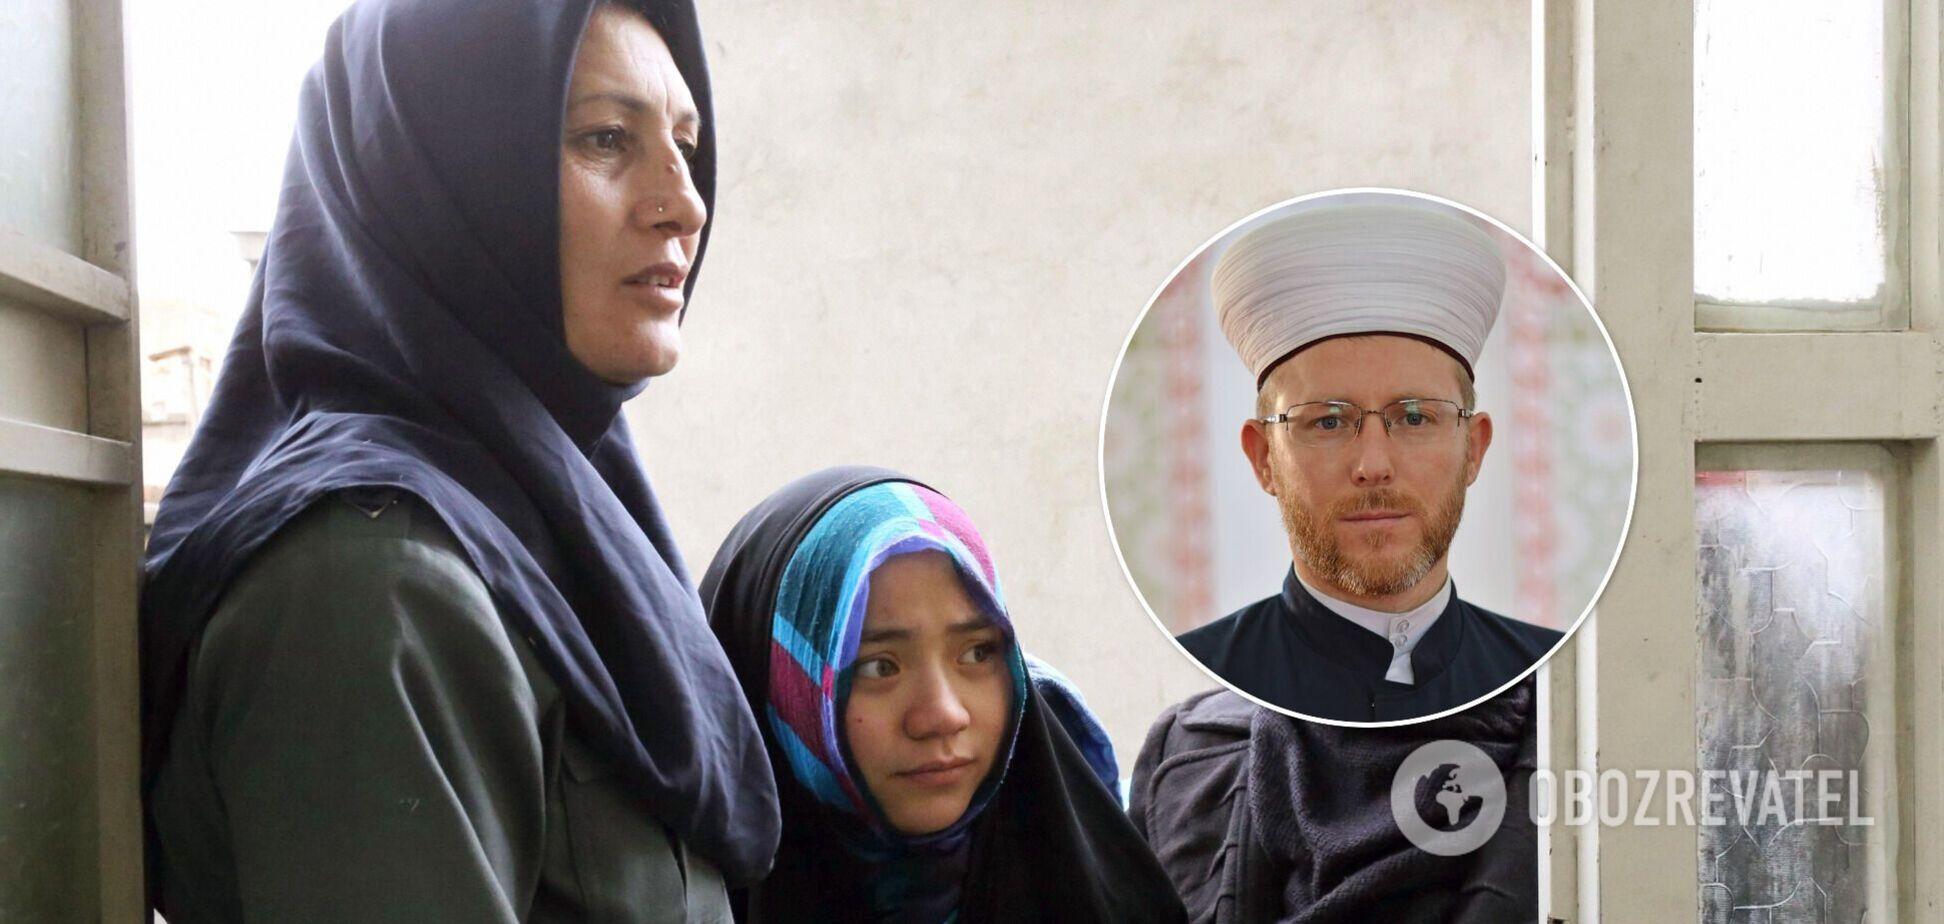 Вимоги талібів до жінок протирічать ісламу, – муфтій Ісмагілов